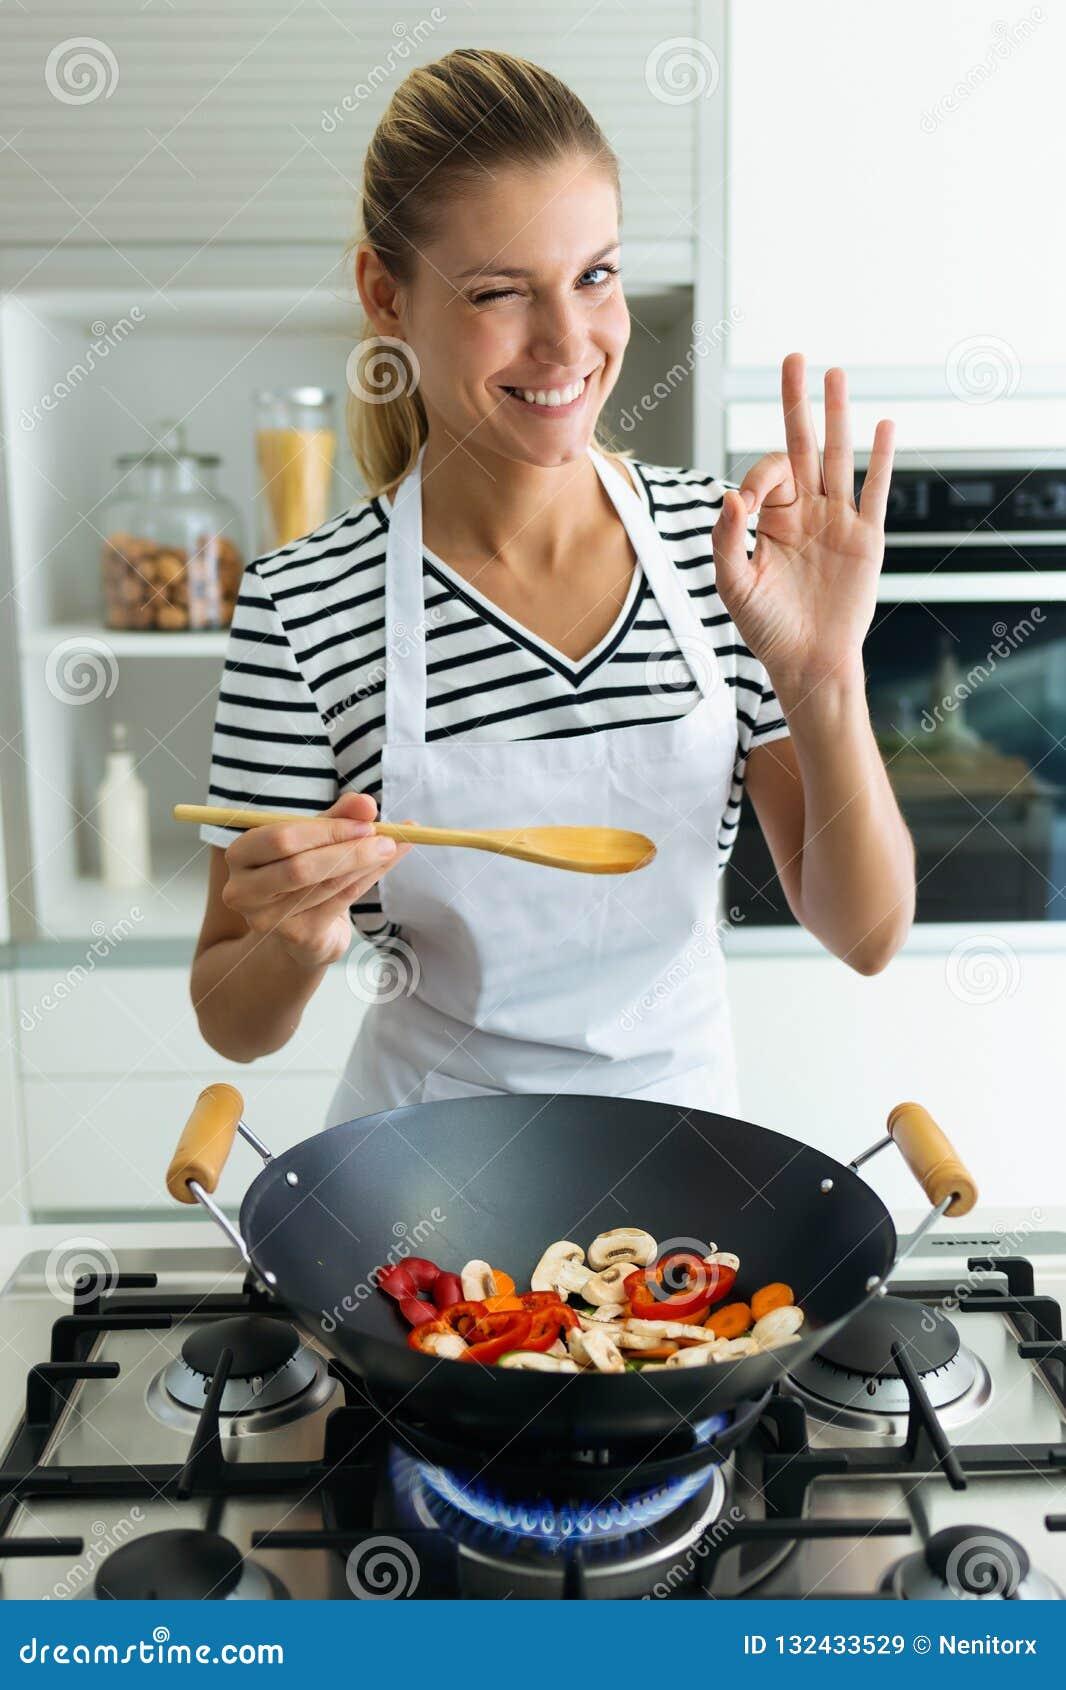 Jeune femme en bonne santé regardant la caméra tout en faisant cuire et mélangeant la nourriture dans la poêle dans la cuisine à